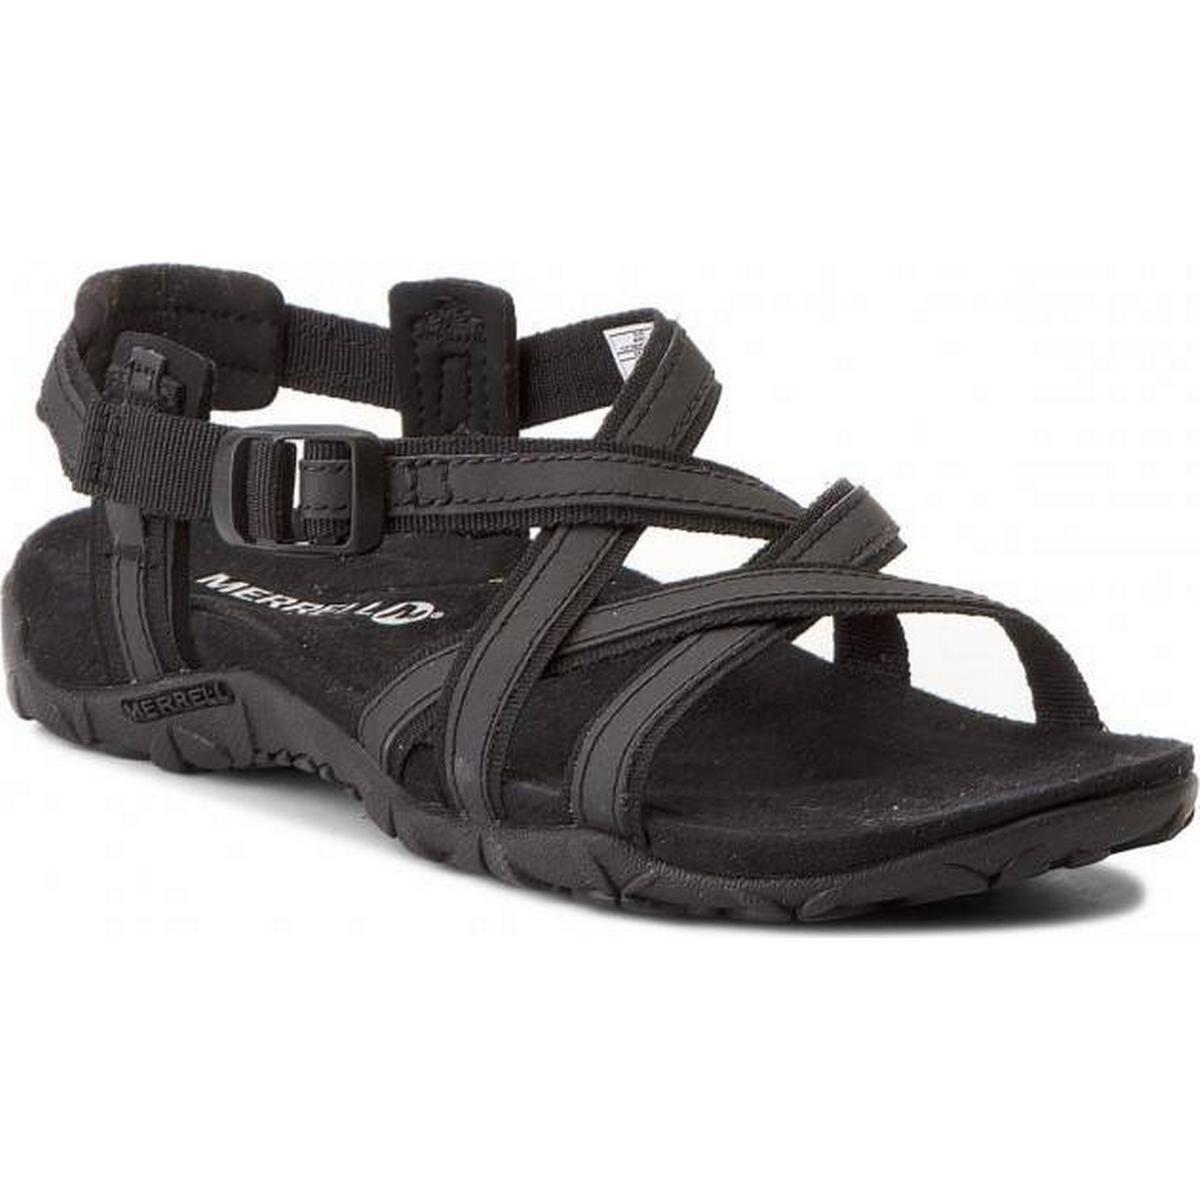 Merrell Sandaler og sandaletter (1000+ modeller) • Se